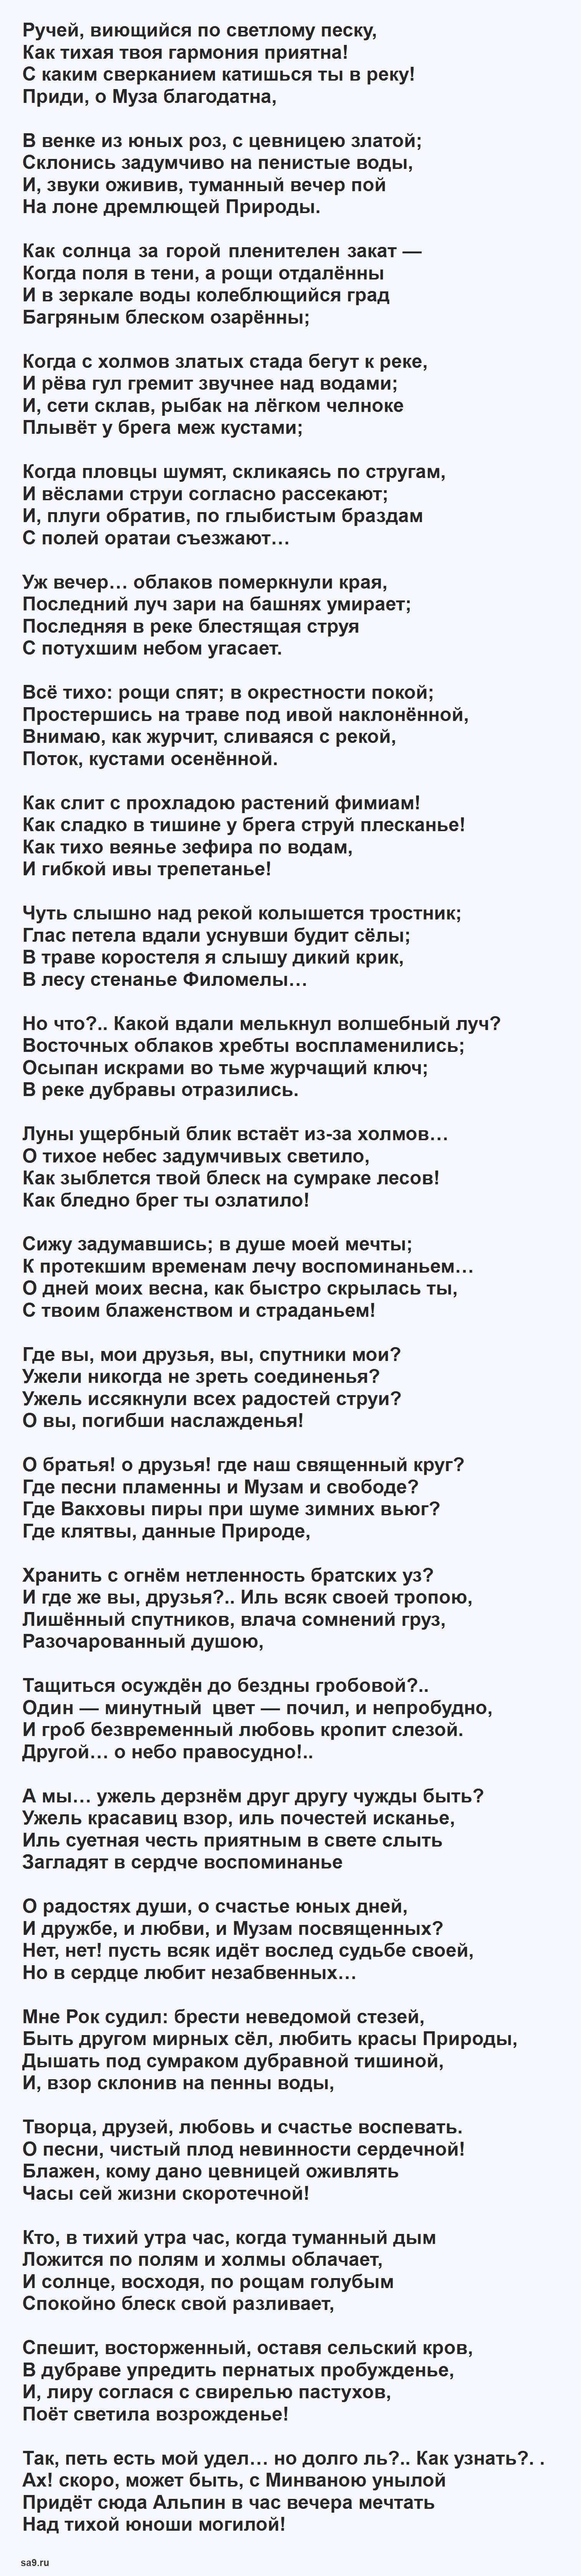 Читаем лучшие стихи Жуковского о любви - Вечер